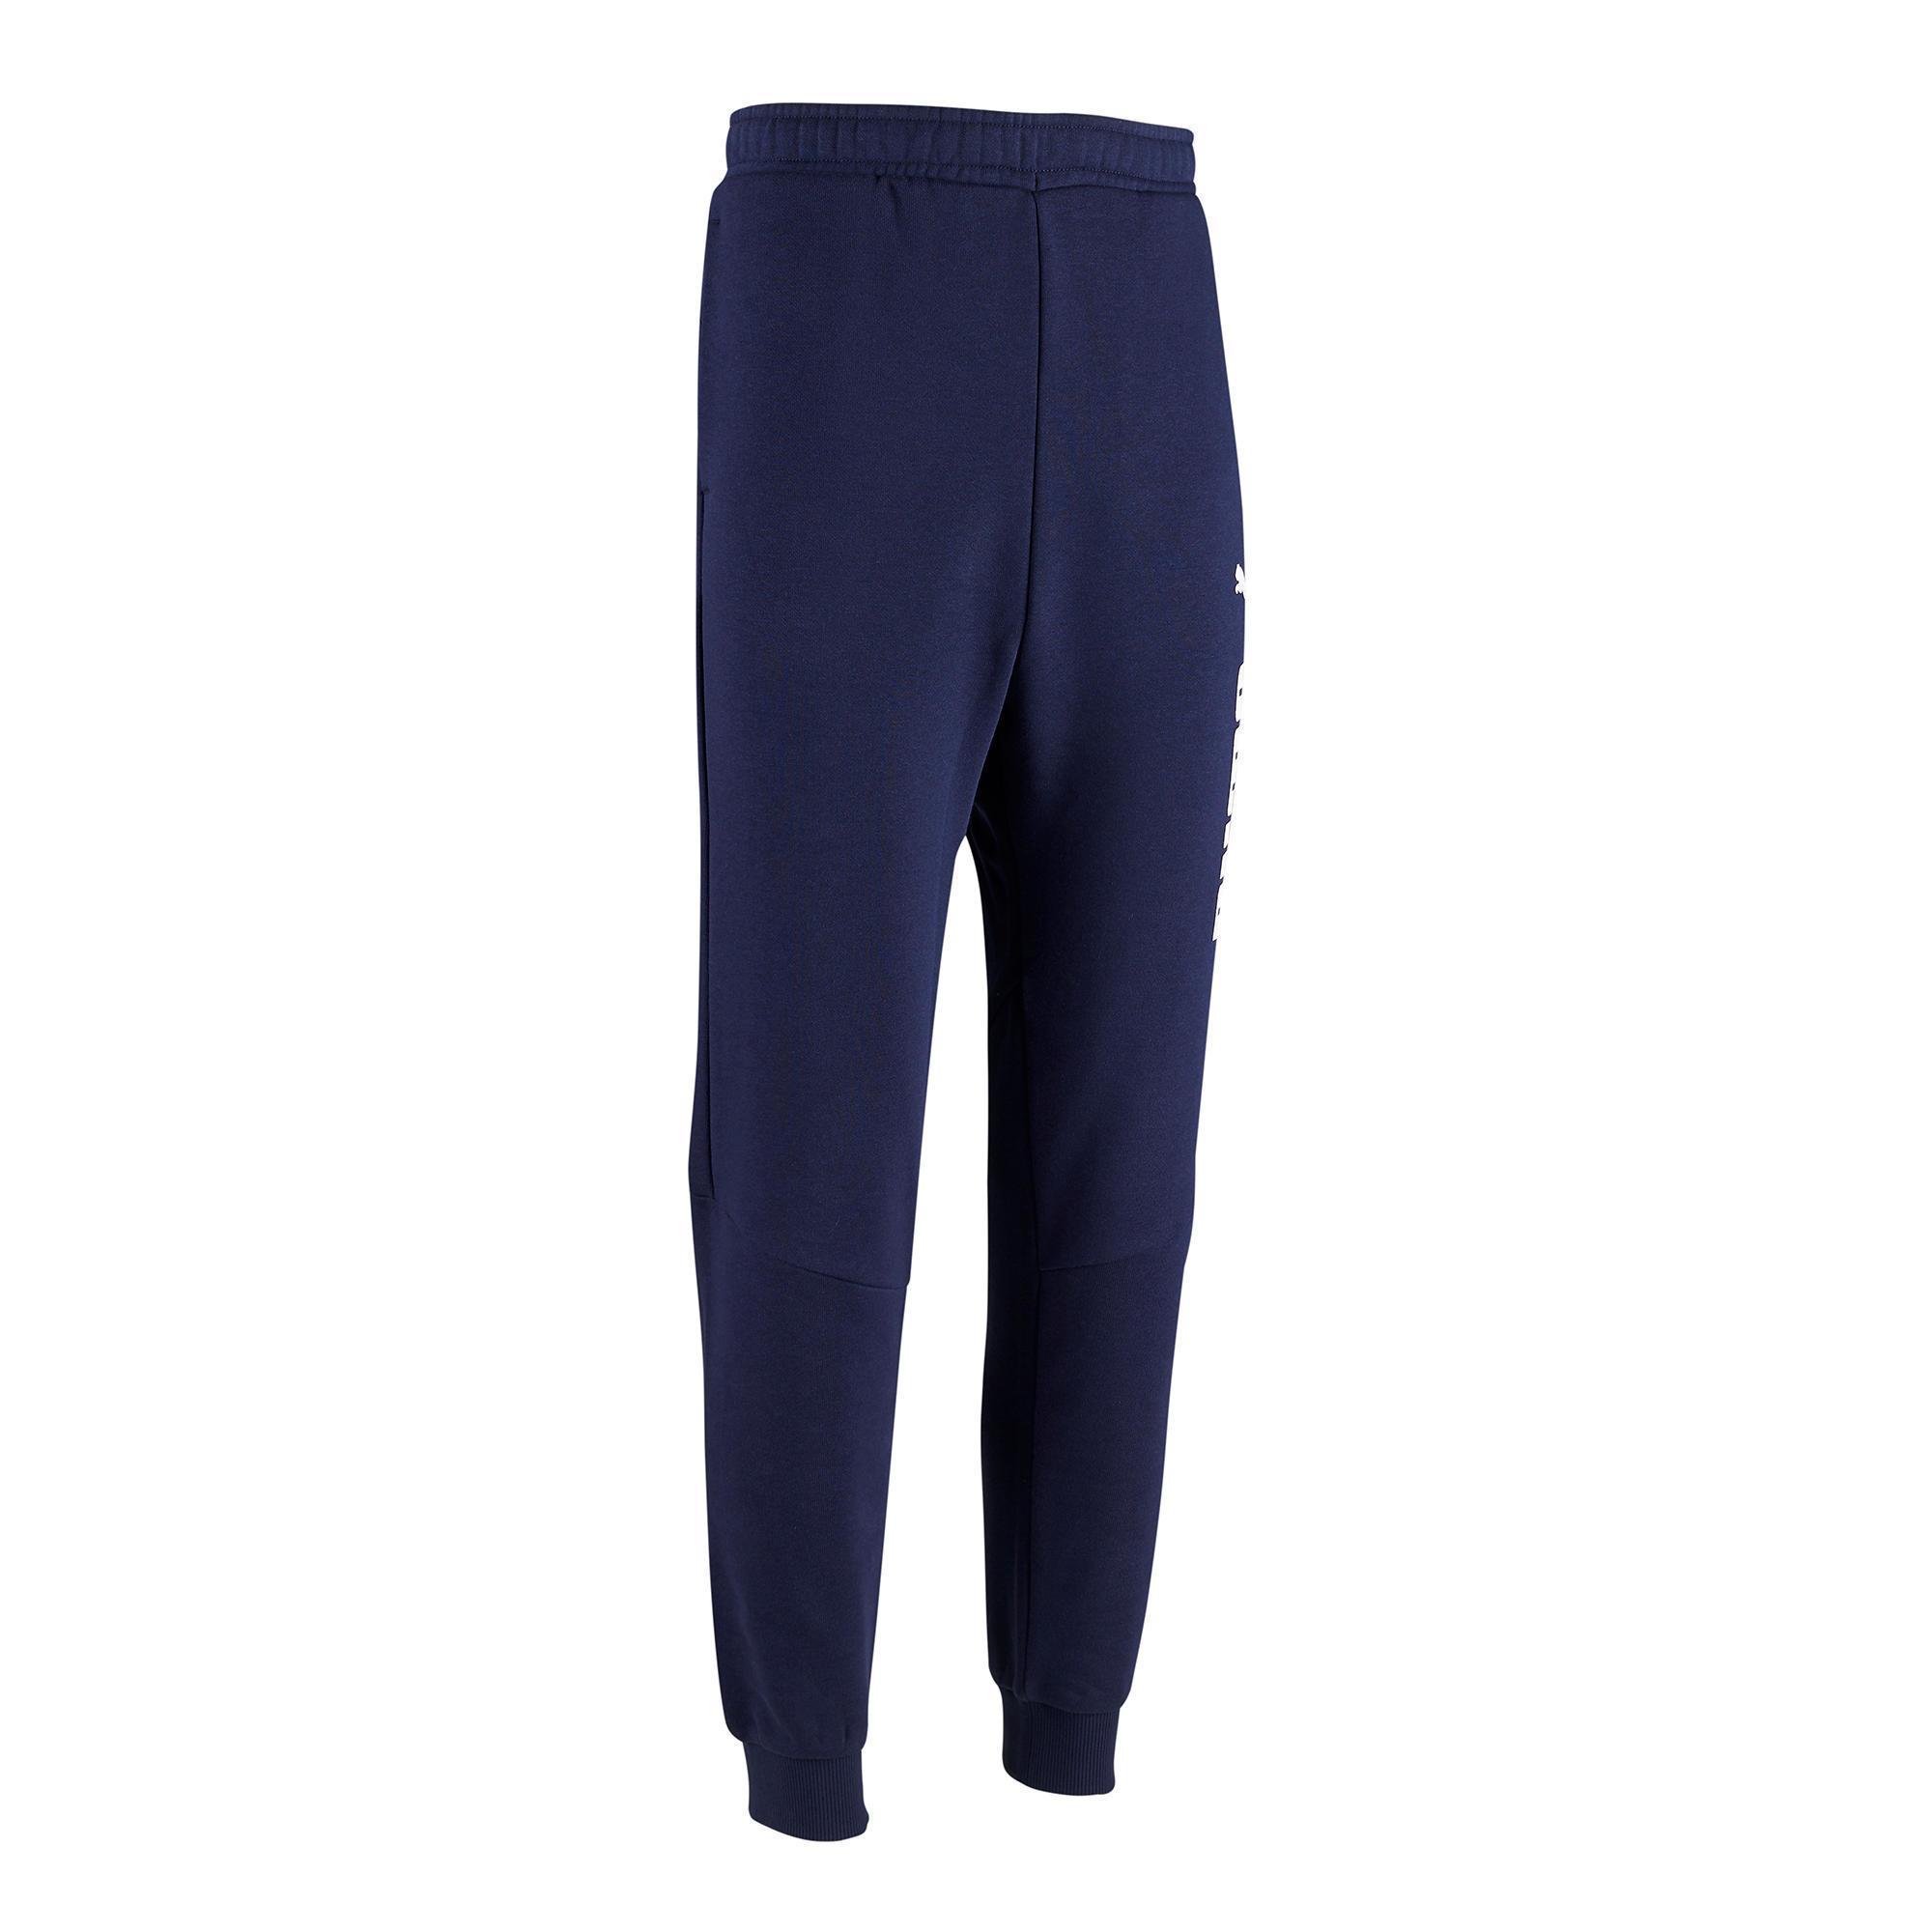 Pantalon bleu marine puma puma